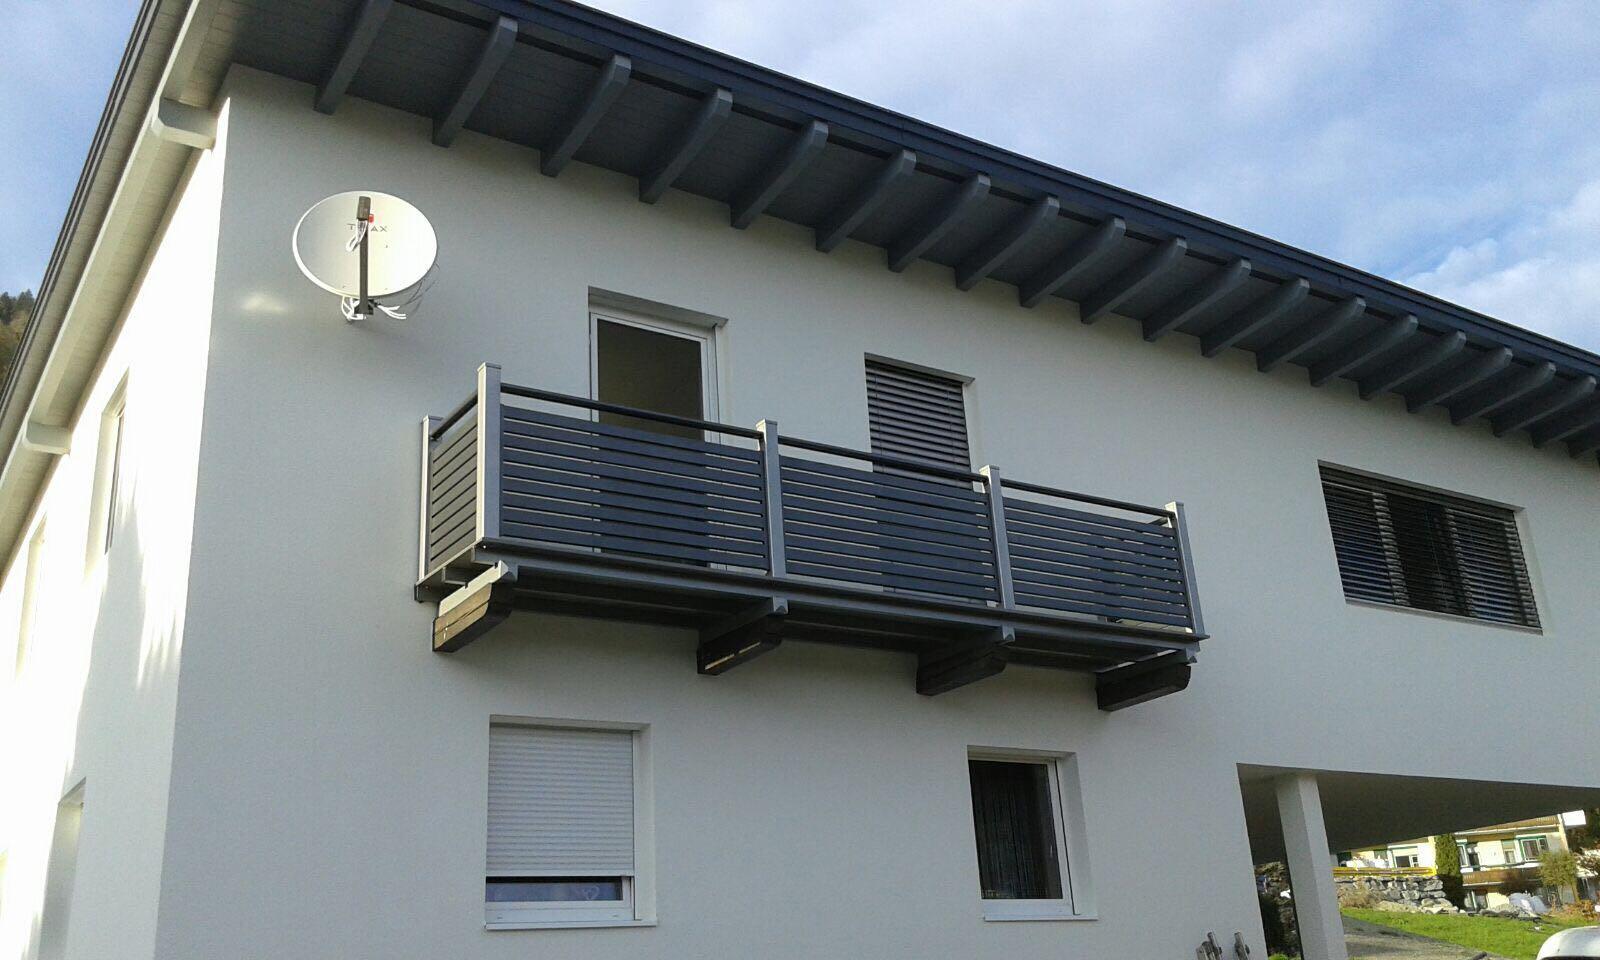 https://0501.nccdn.net/4_2/000/000/061/438/Aluminium-Balkon-Noveao-3-1600x960.jpg